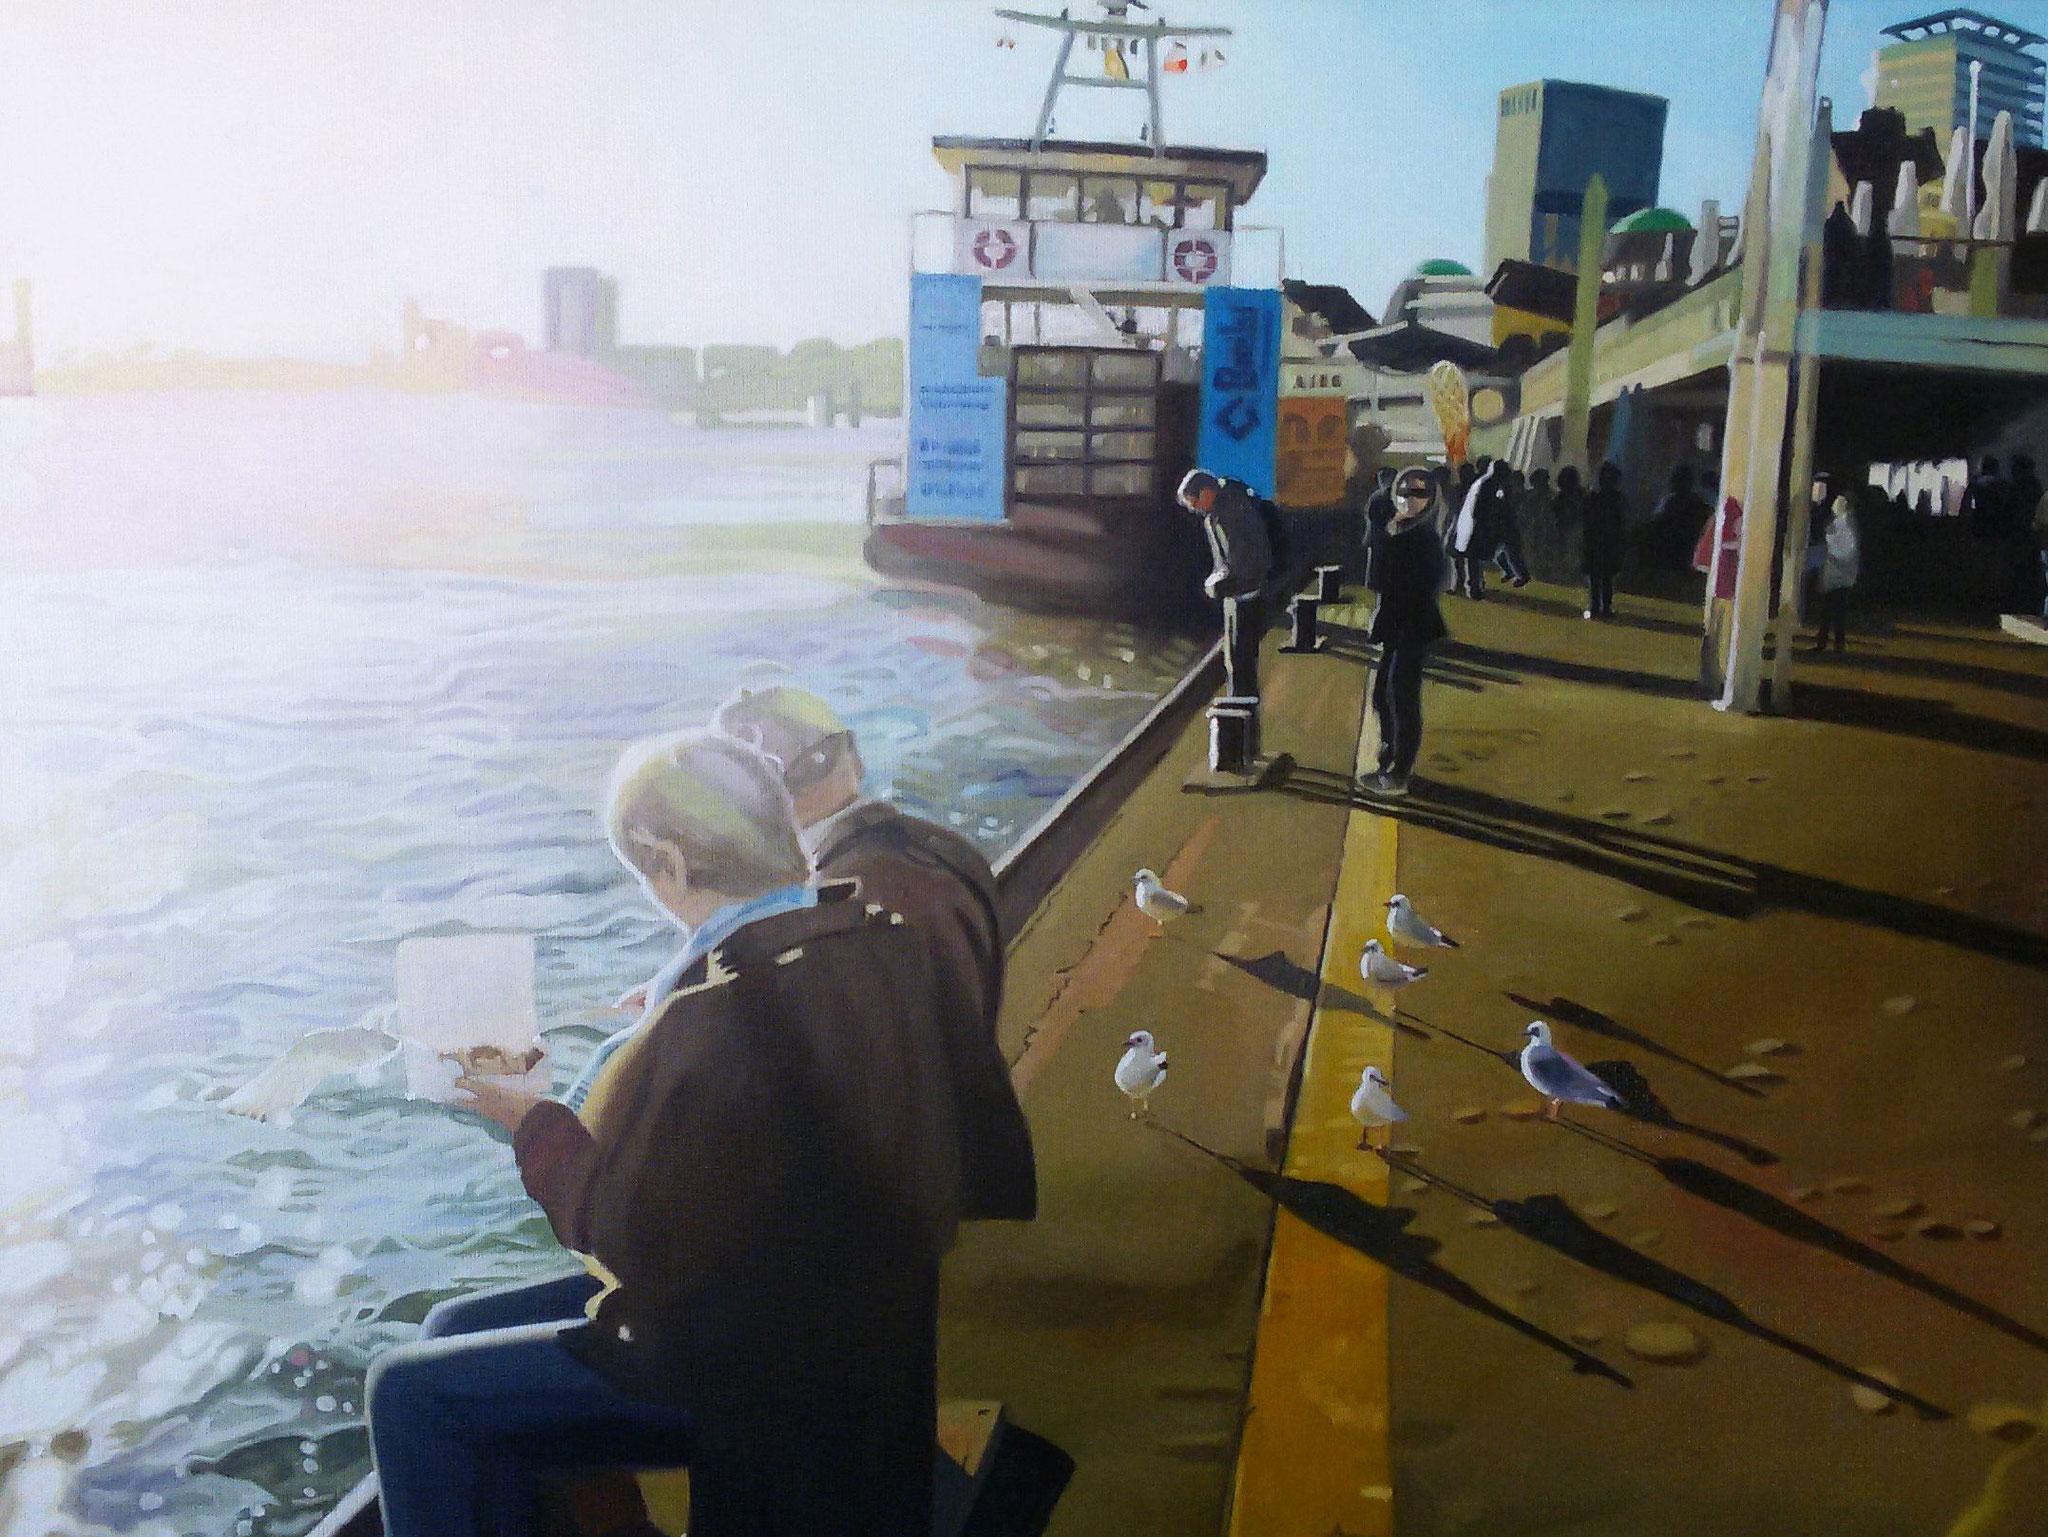 Landungsbrücken, Oil on Canvas, 60 x 50 cm